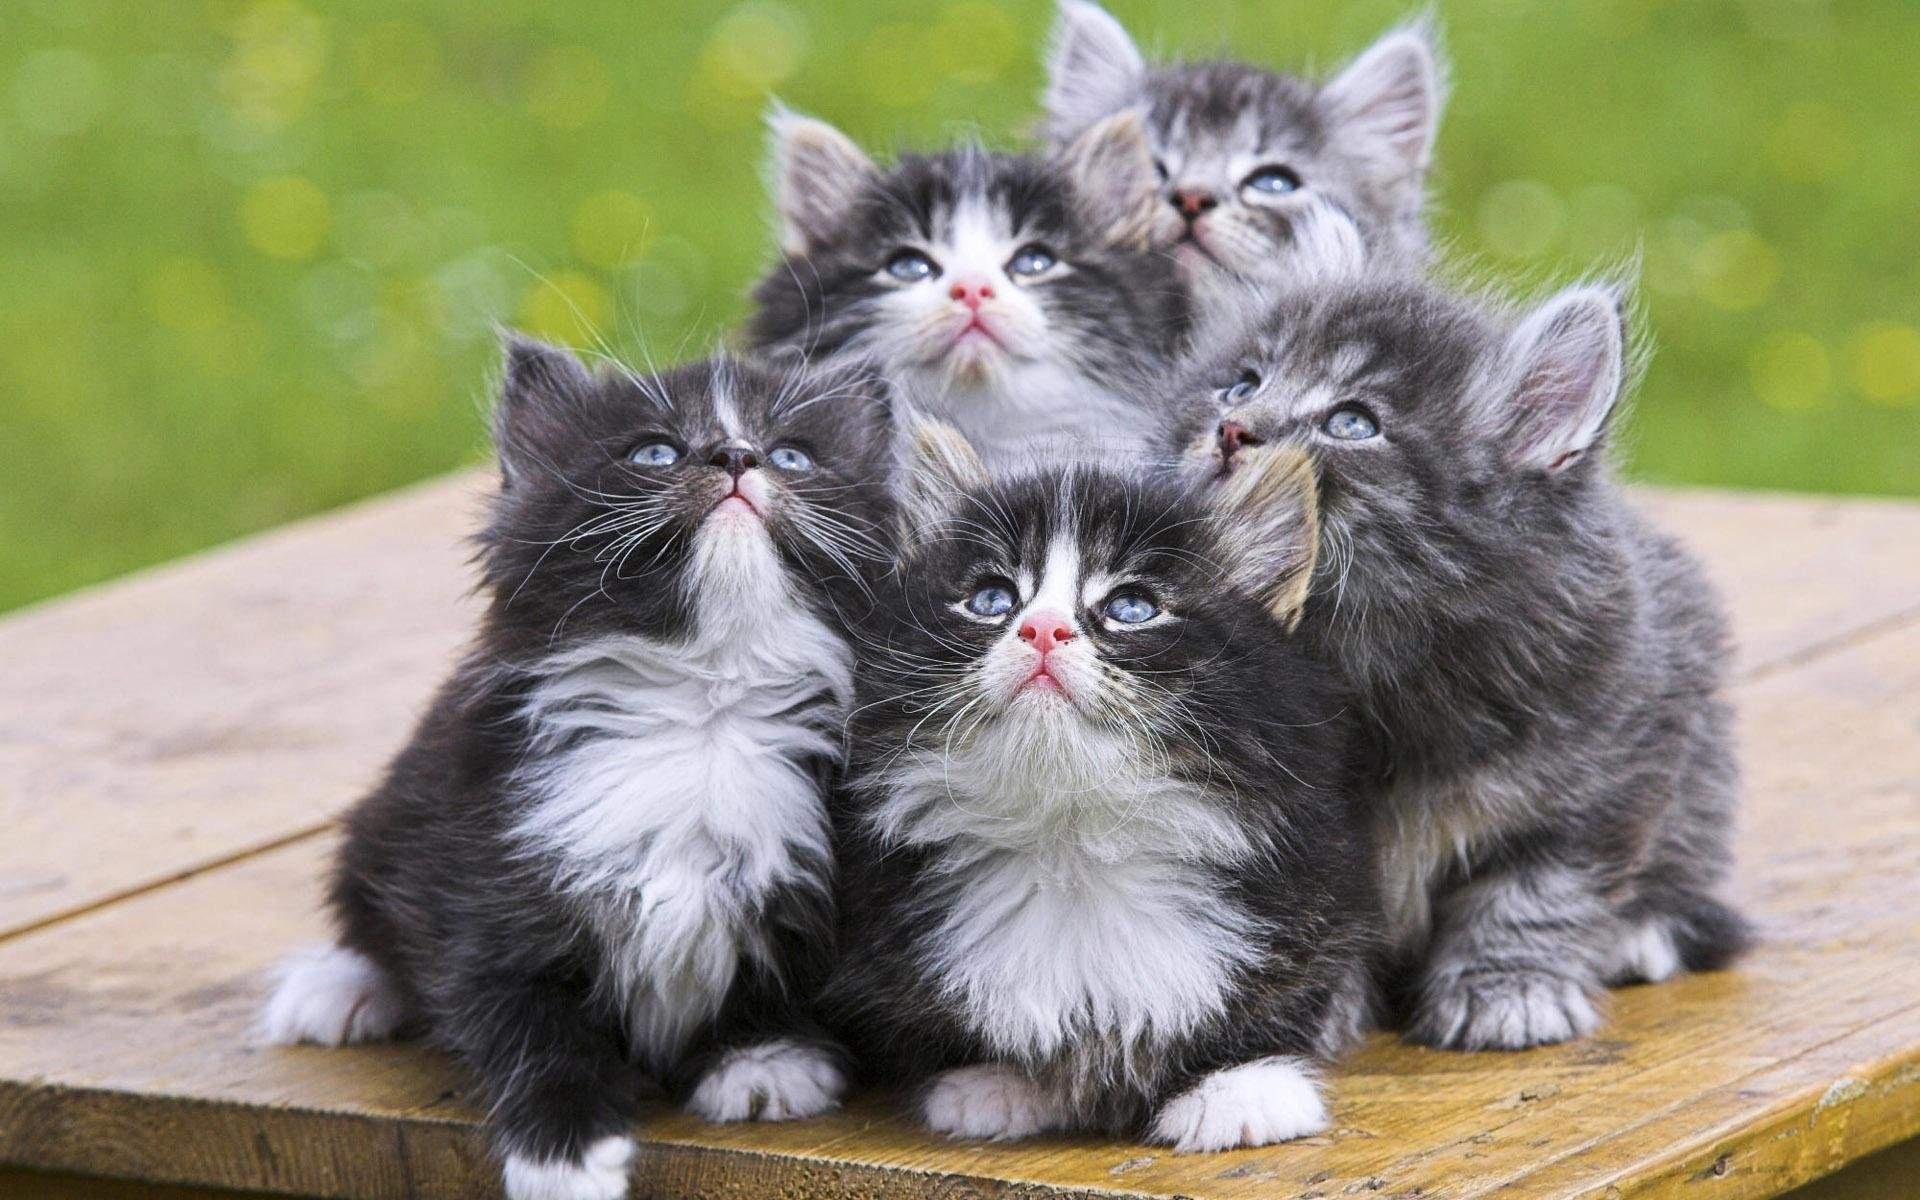 Delightful Eu0027 Divertente Approcciare Il Gioco Tentando La Comunicazione Con Il Gatto  Rispondendo Ai Suoi Miagolii